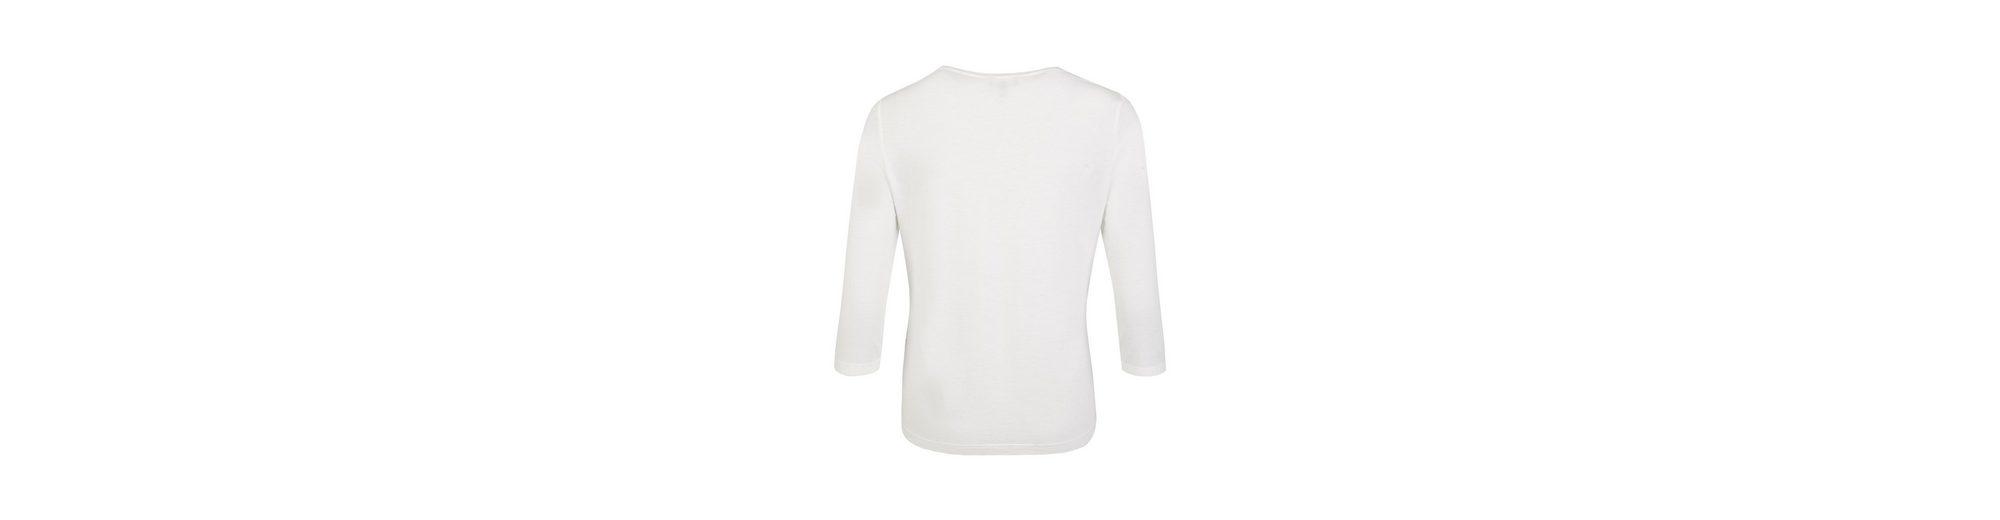 Daniel Hechter Bedrucktes Shirt Neue Stile Die Günstigste Online Billig Verkauf Neue Stile Billig Mit Master M2bqEJ